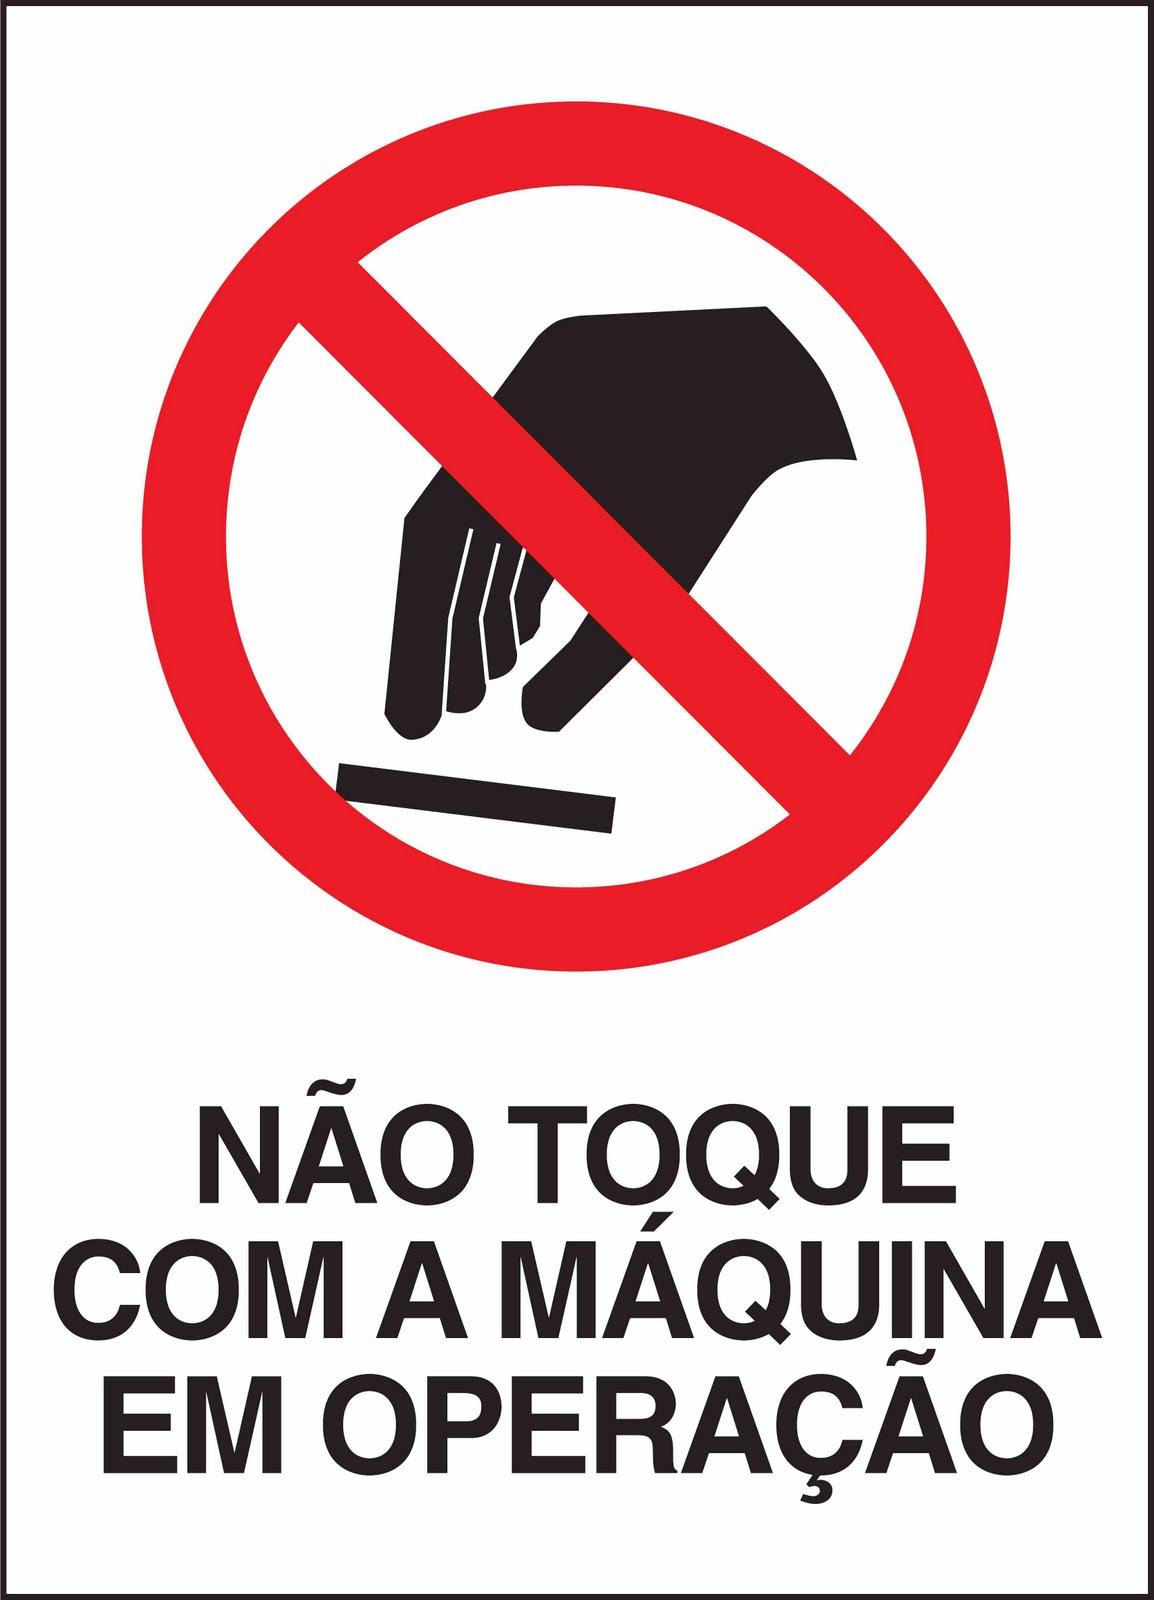 Segurança do trabalho no brasil